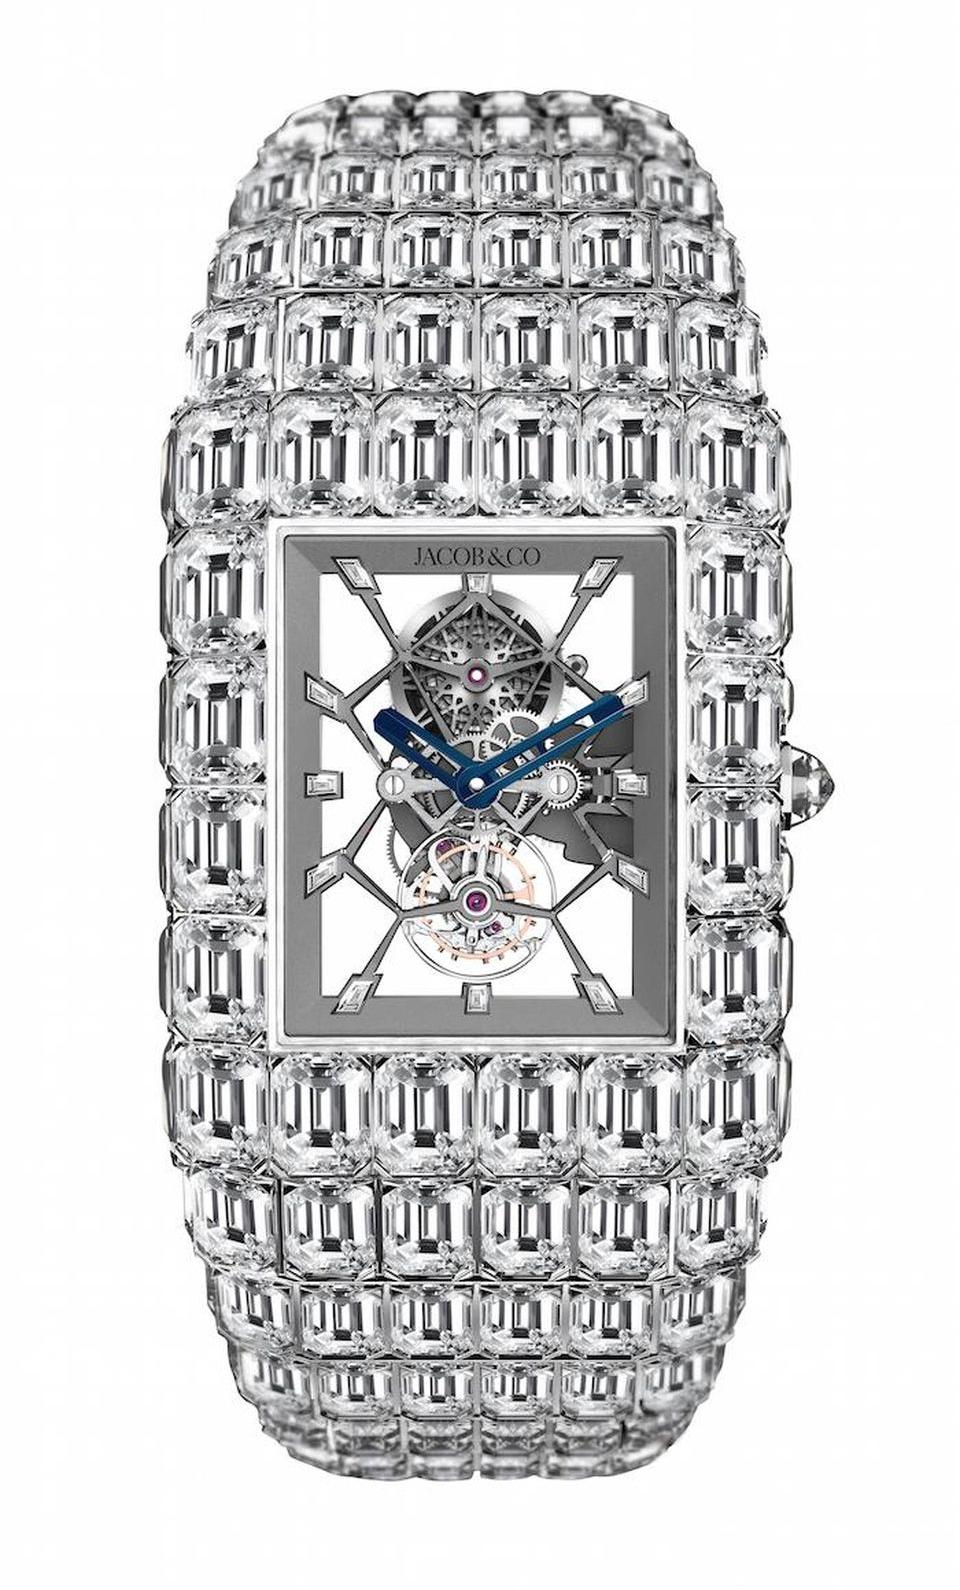 Jacob & Co. Billionaire Watch – Giá: 18 triệu USD